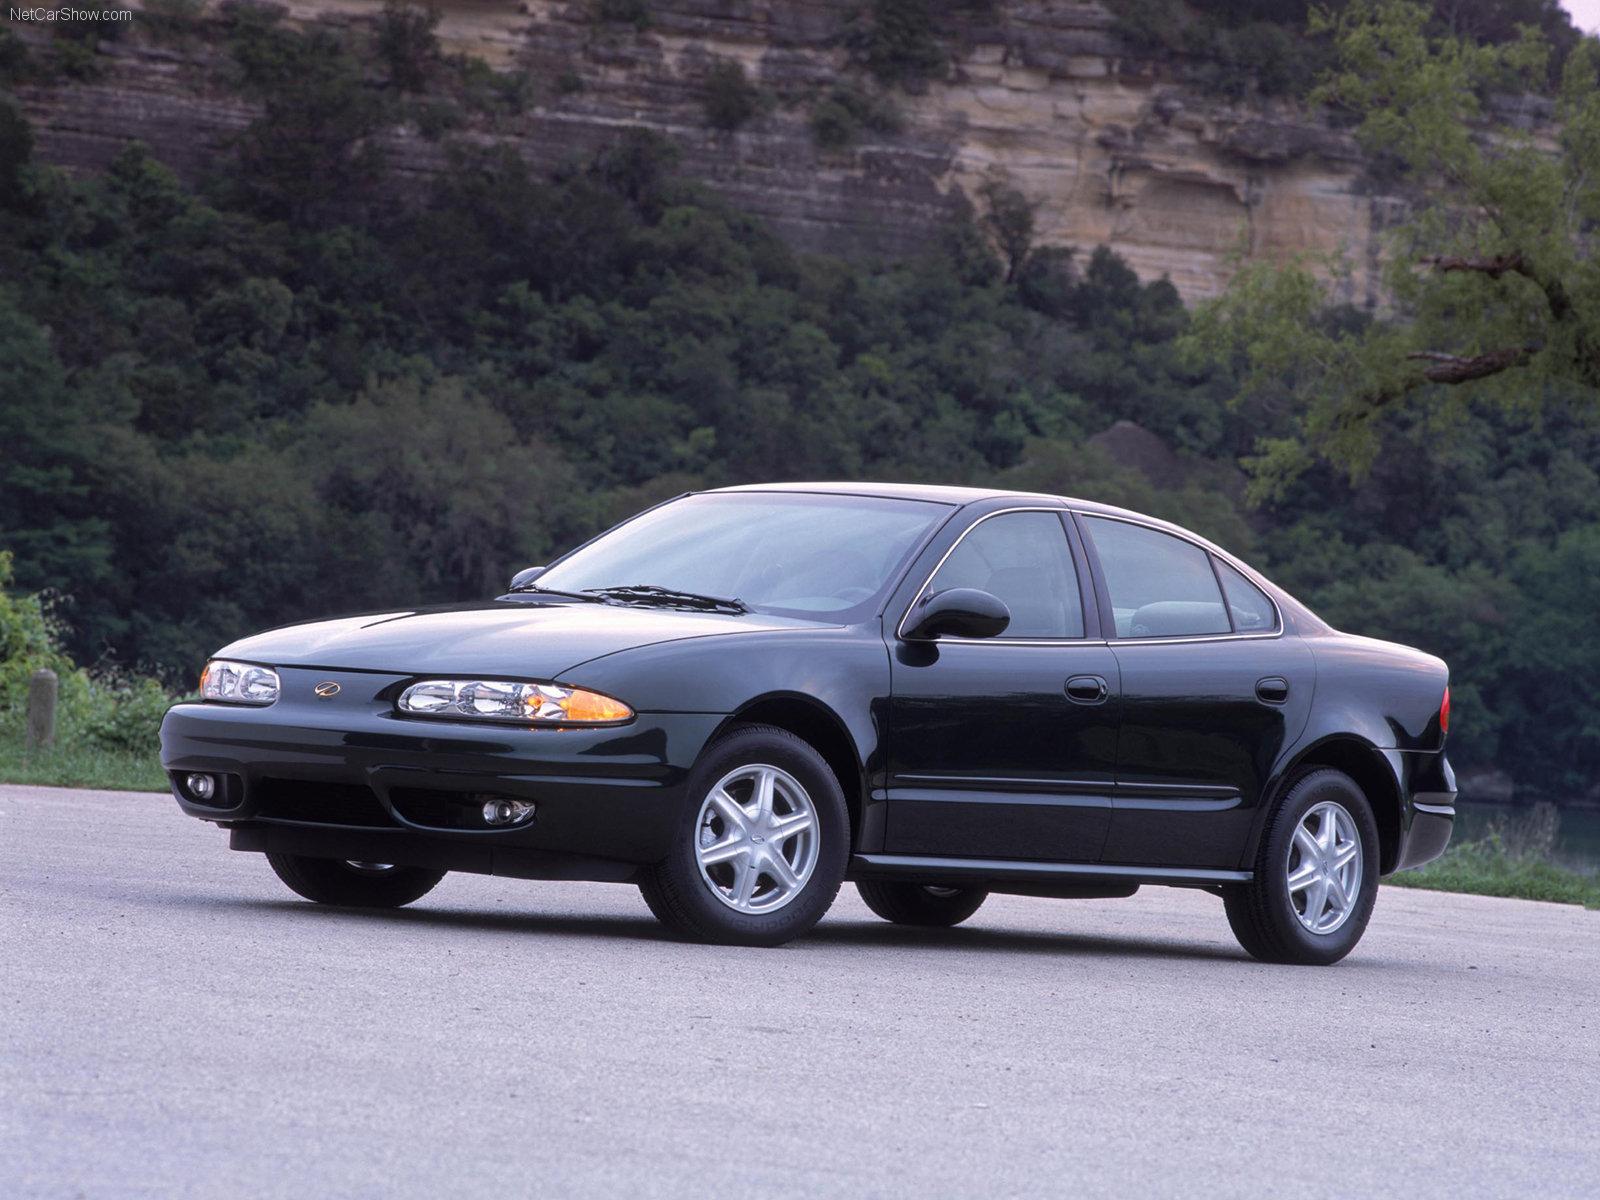 Hình ảnh xe ô tô Oldsmobile Alero GL 2002 & nội ngoại thất